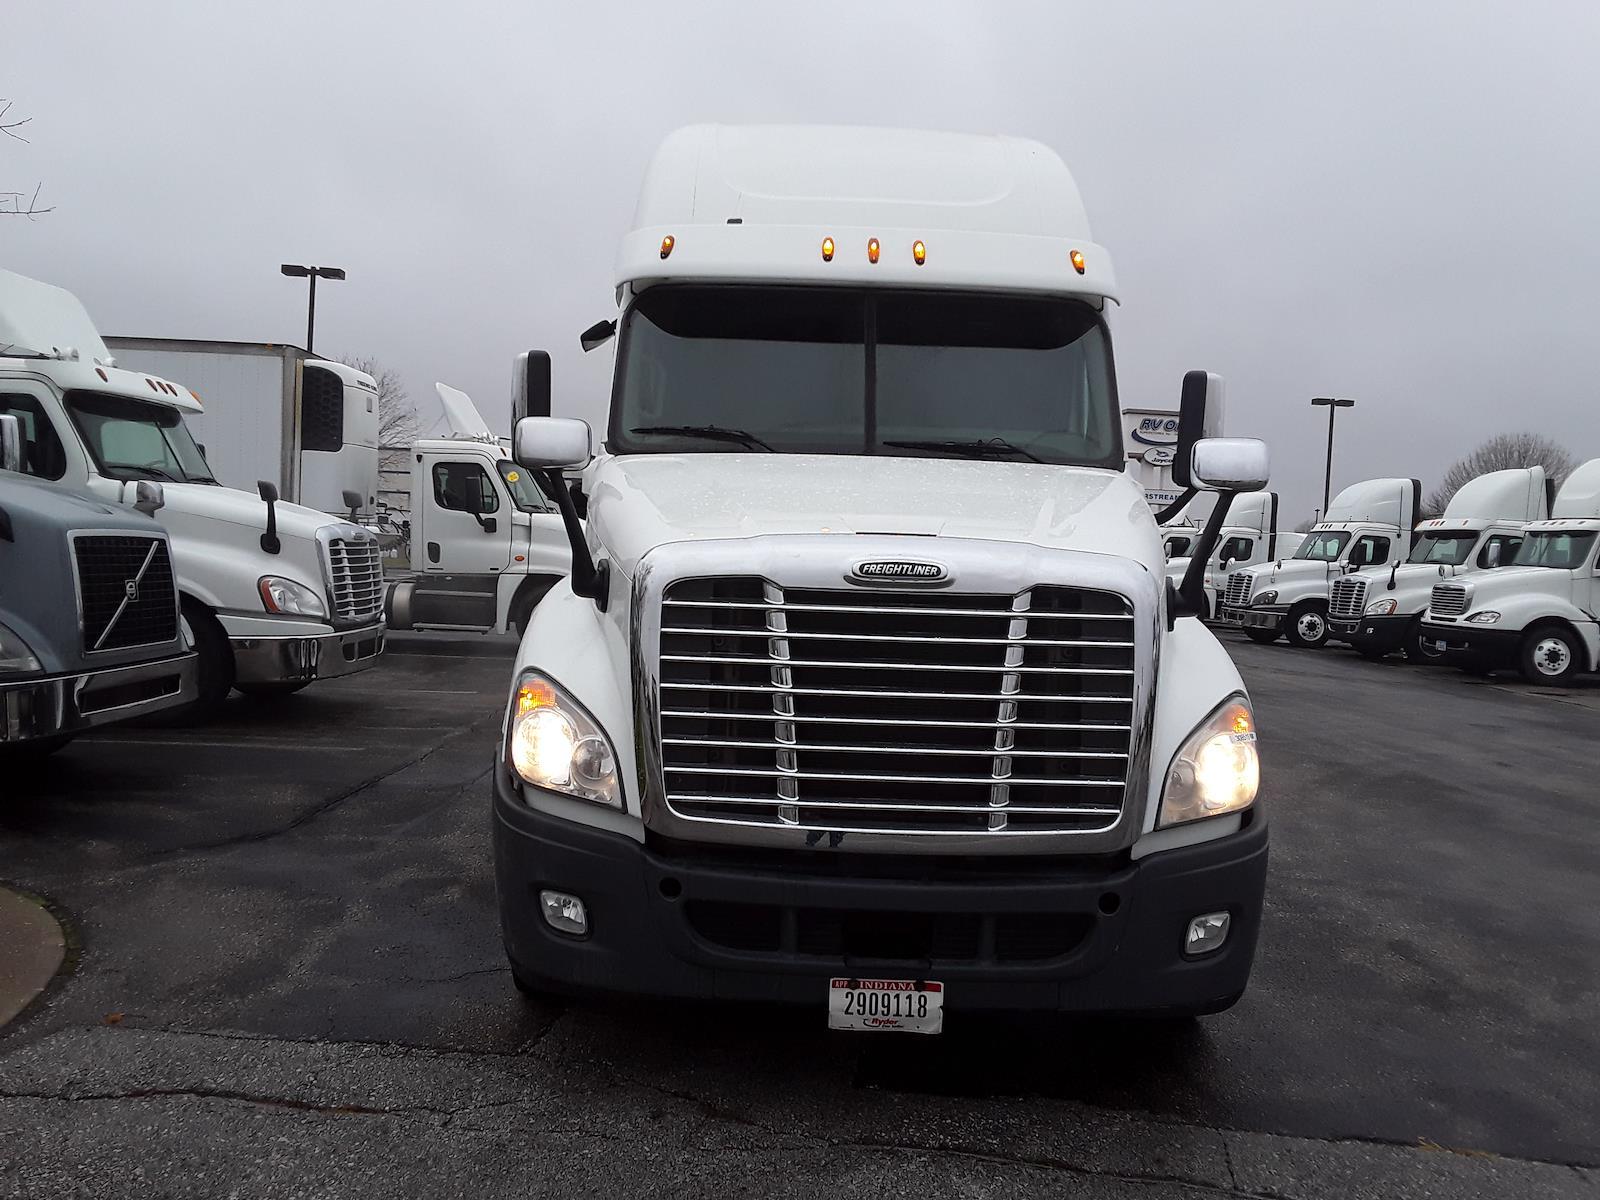 2015 Freightliner Truck 6x4, Tractor #308519 - photo 1